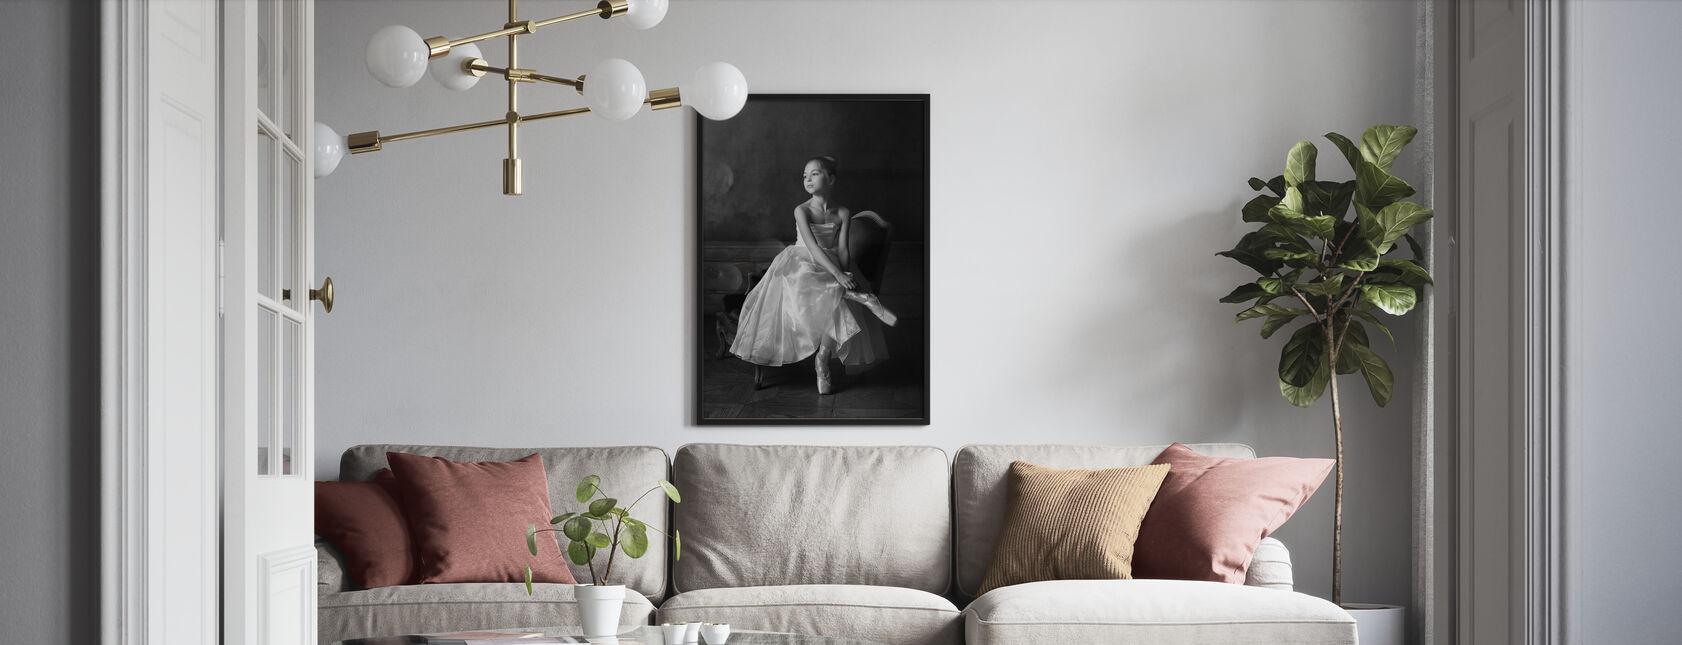 Lilla balett stjärna - Poster - Vardagsrum